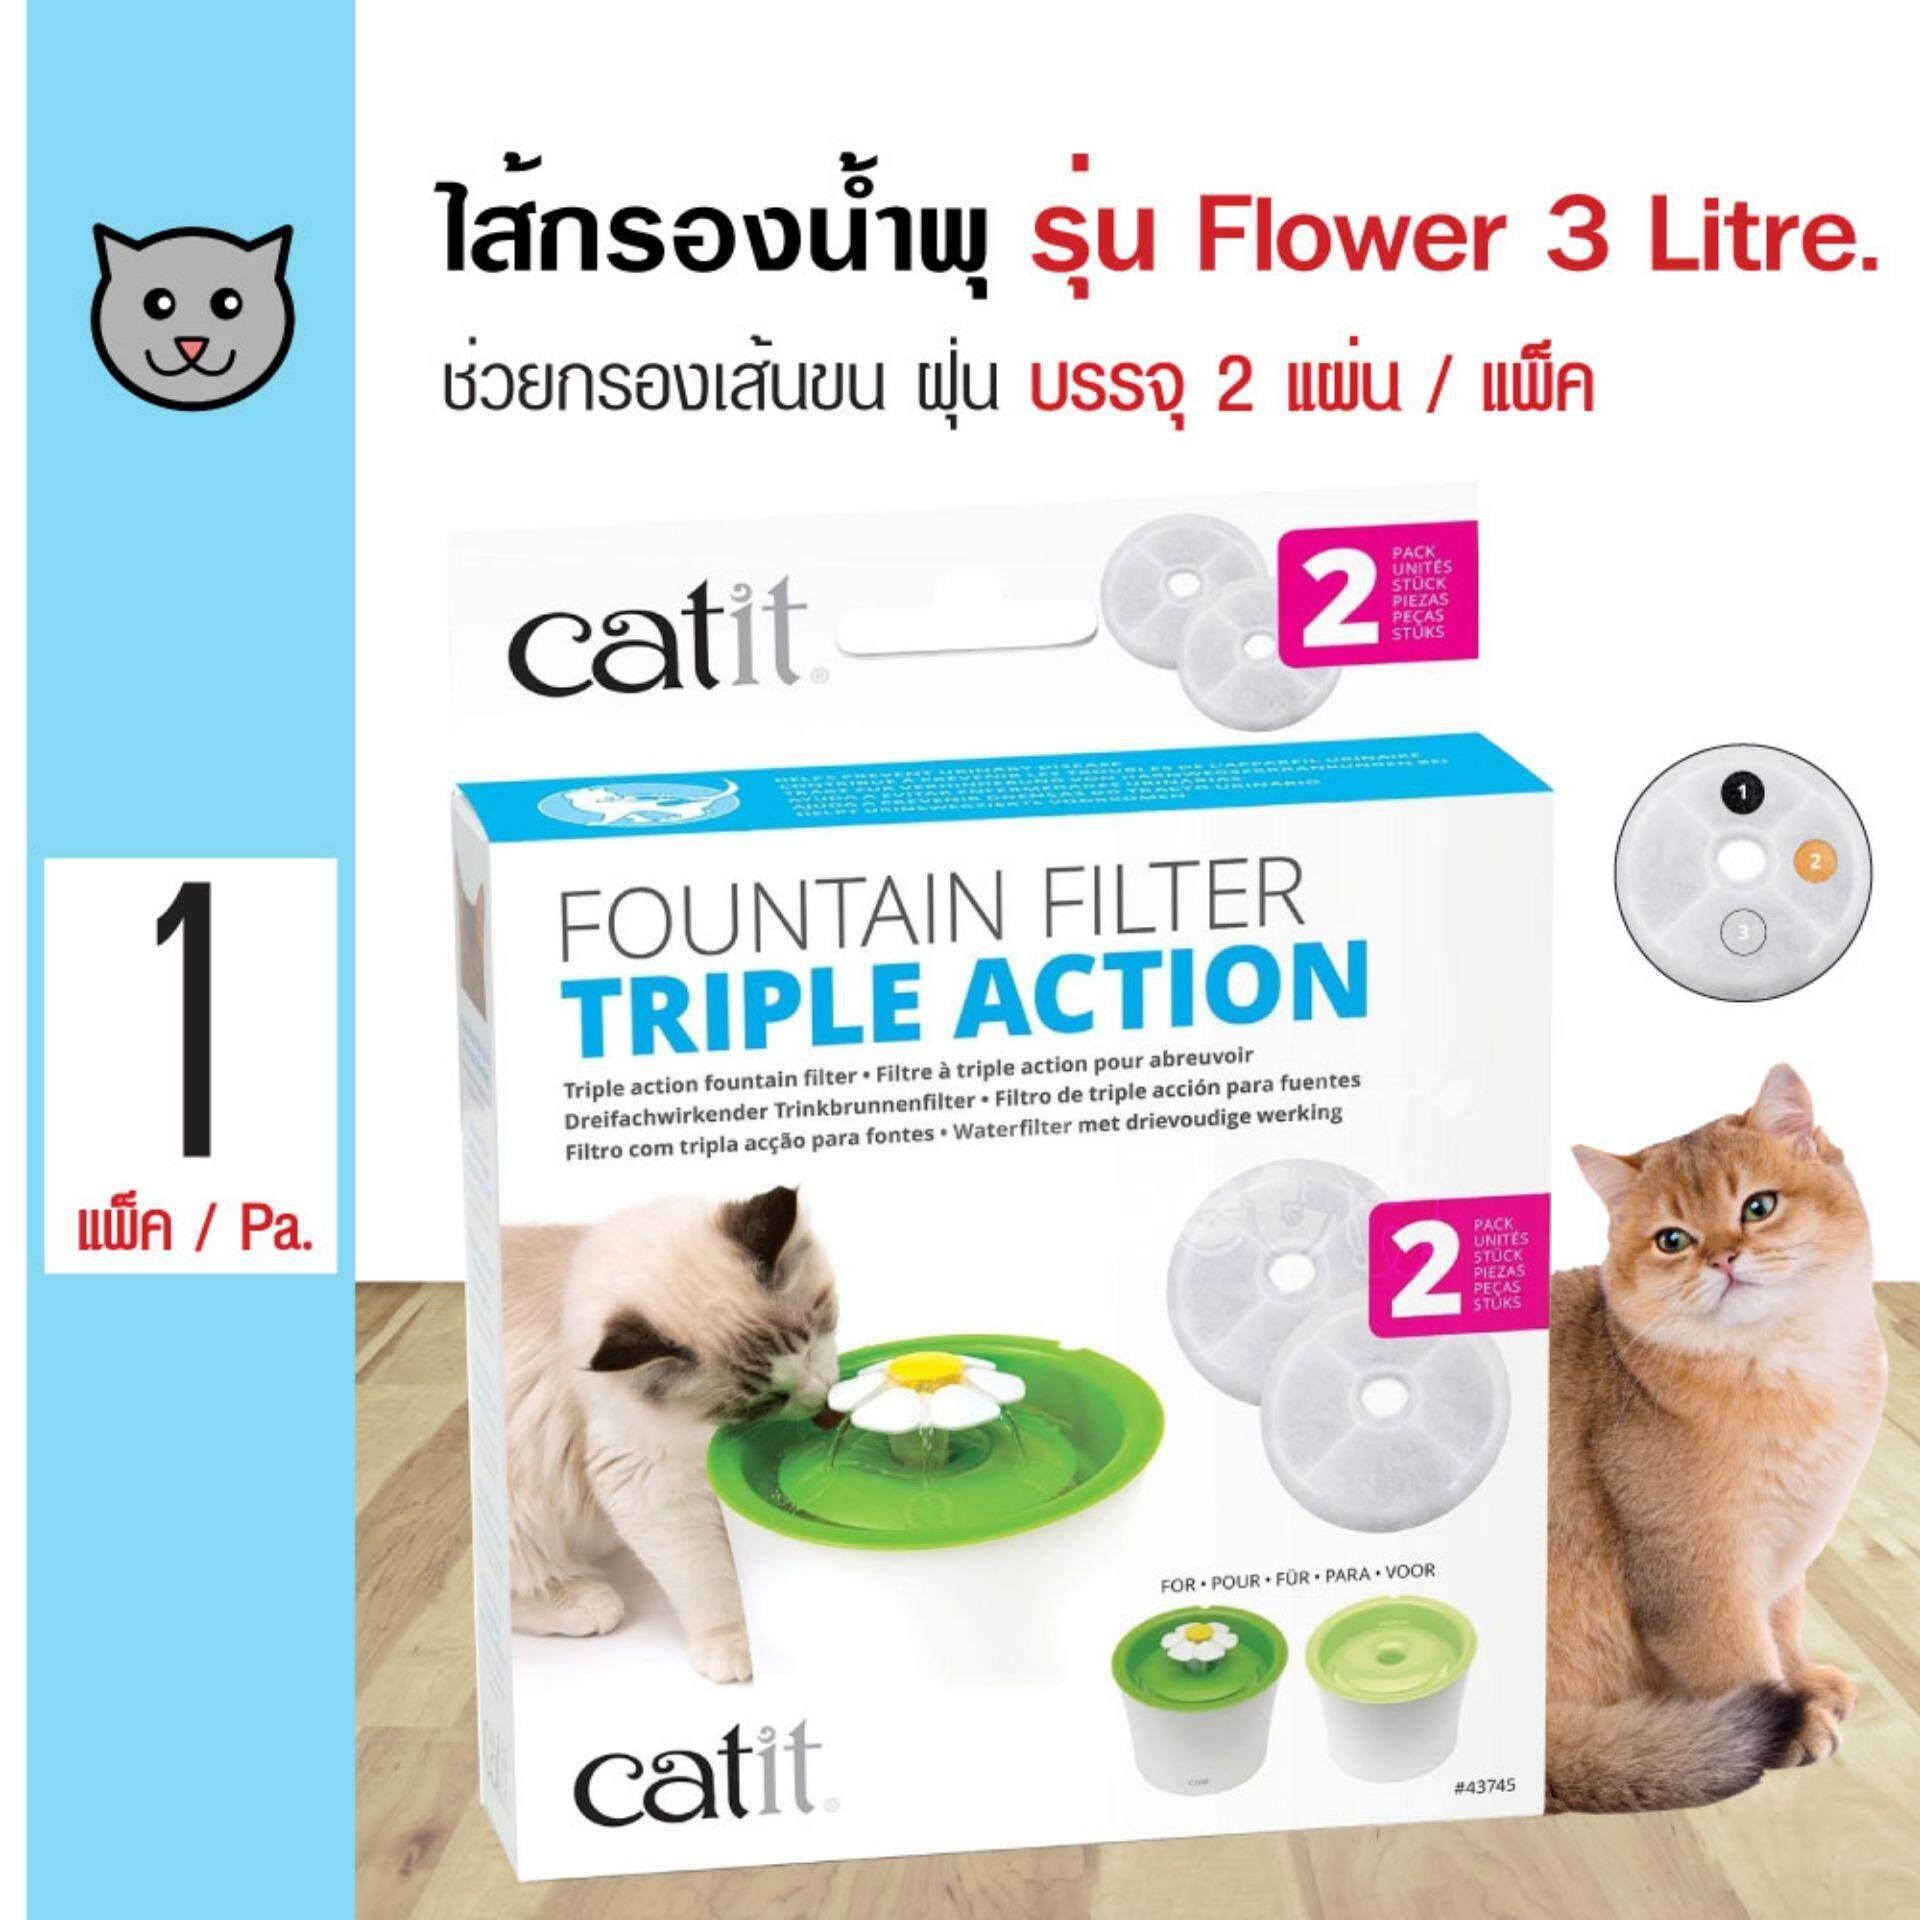 Catit Fountain Filter ไส้กรองน้ำพุแมว ฟิลเตอร์ตัวกรองน้ำ กรองฝุ่น เส้นขน สำหรับน้ำพุแมวรุ่น Flower ขนาด 3 ลิตร (2 แผ่น/ แพ็ค) By Kpet.